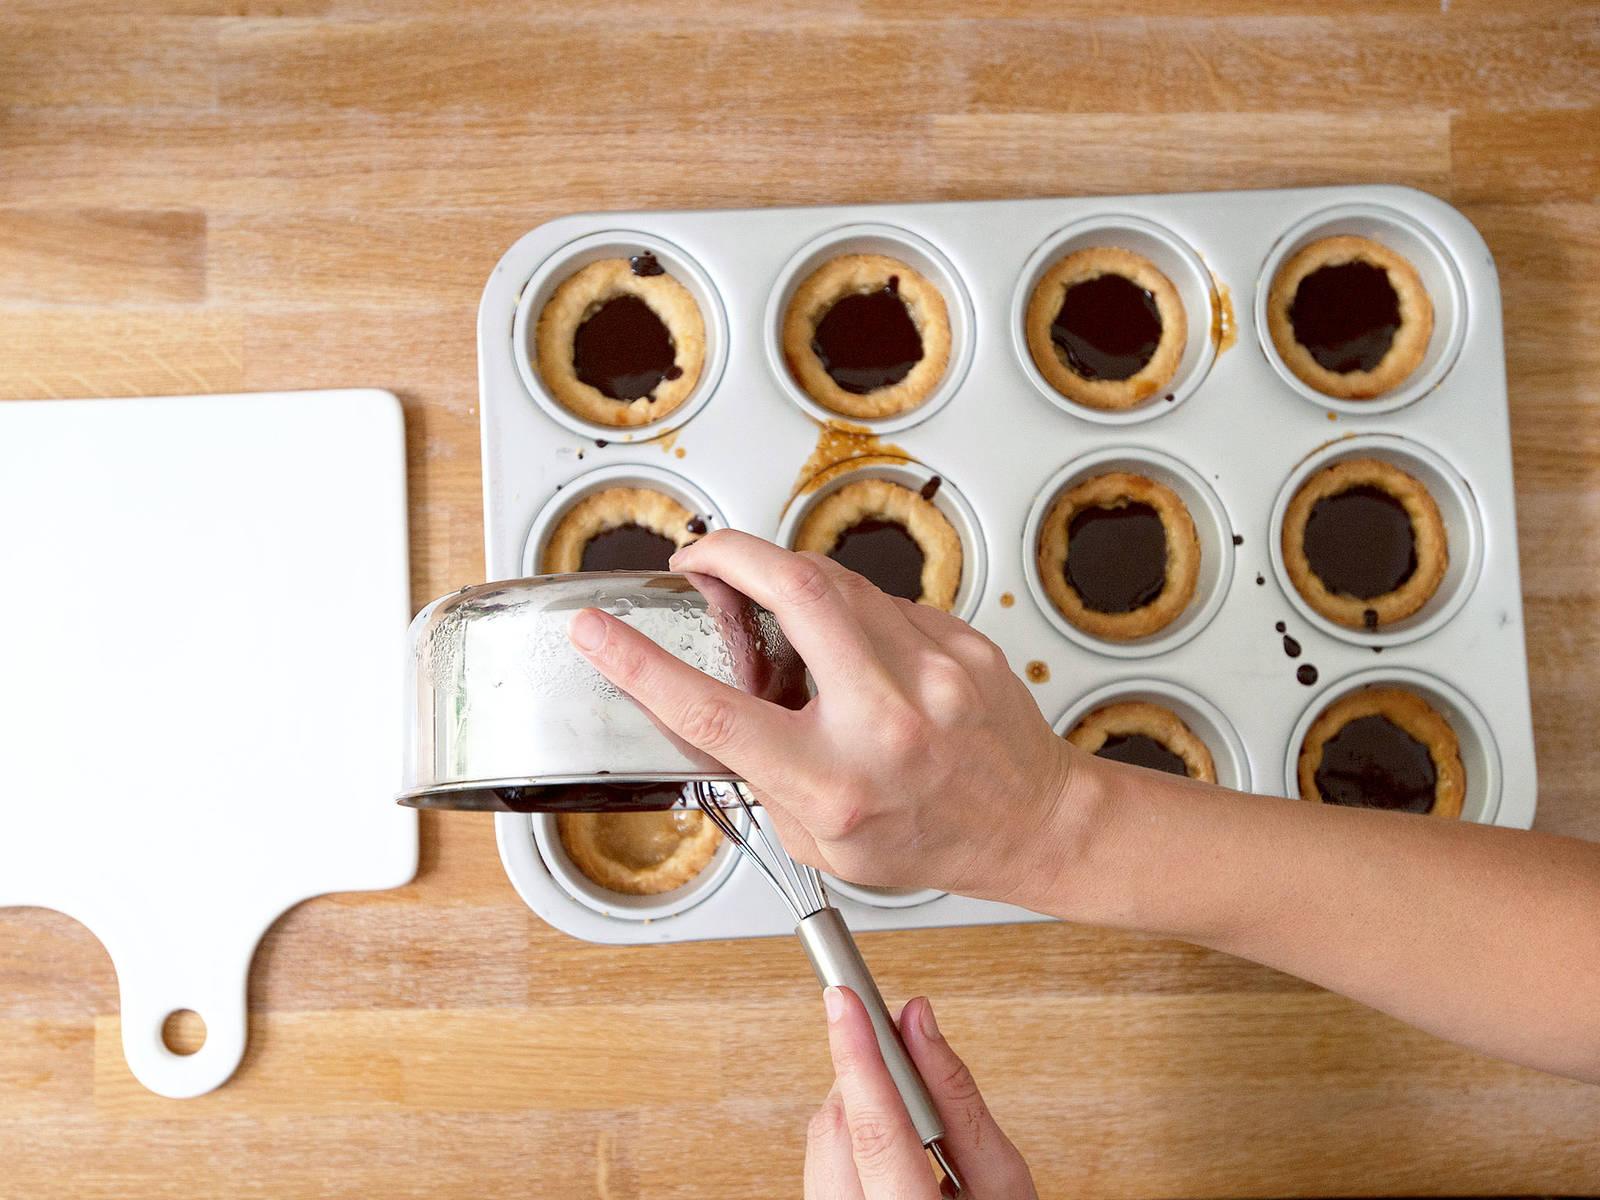 Geschmolzene Schokolade in Cups füllen und komplett auskühlen lassen. Guten Appetit!